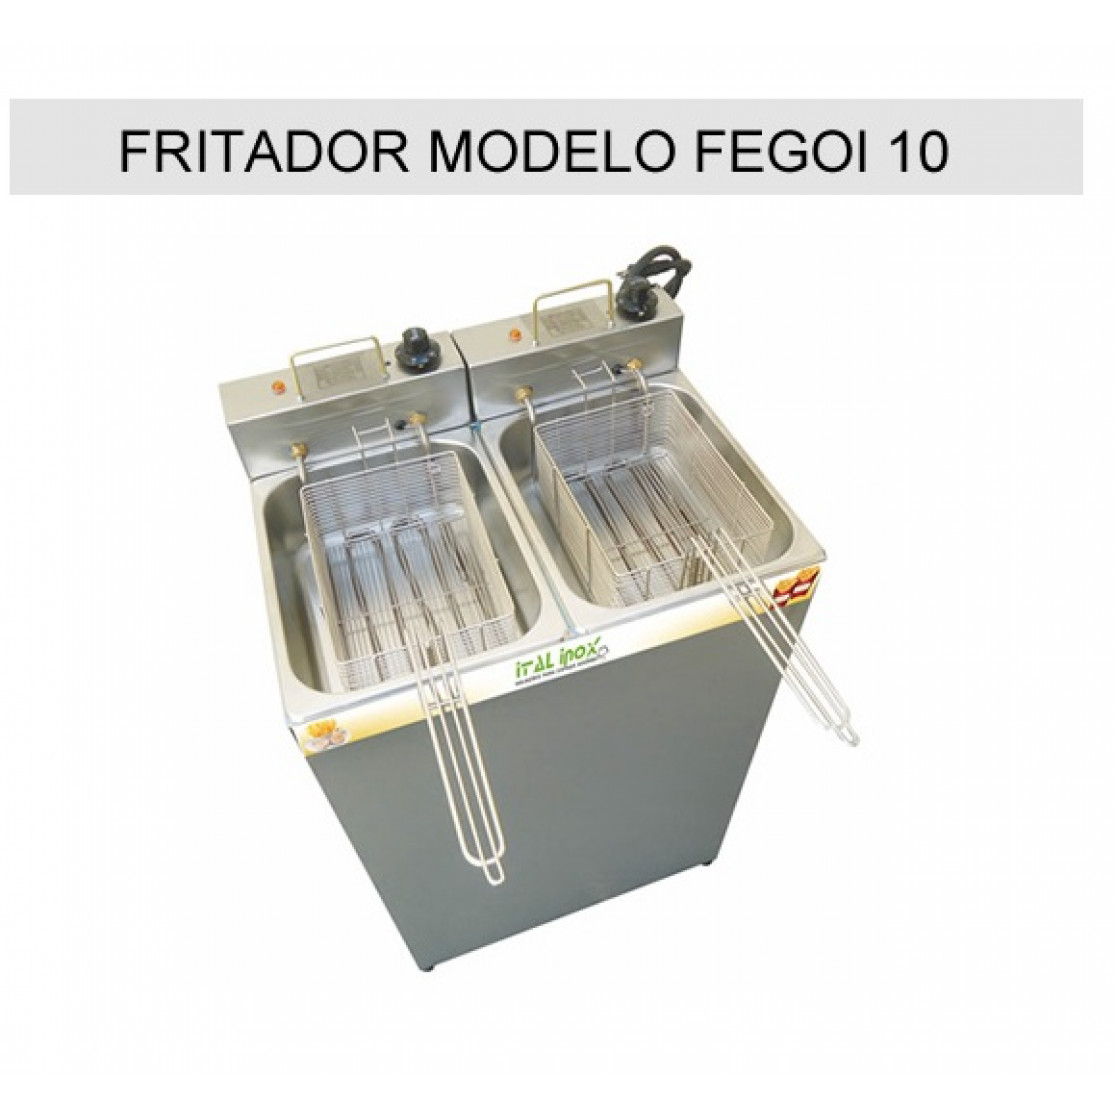 Fritadeira Elétrica Industrial Com 2 Cubas 10 Litros FEGOI 10